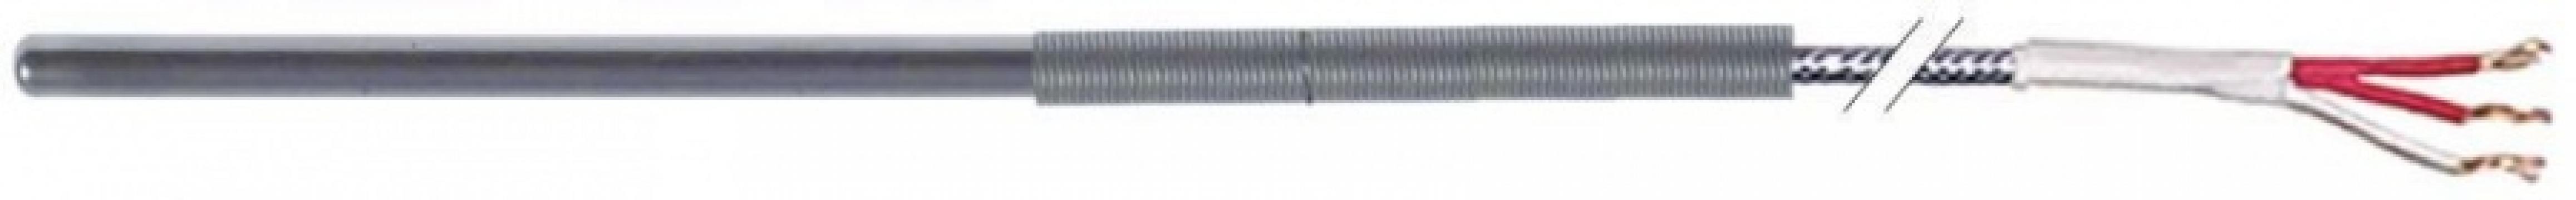 Sonda de temperatura Pt10, cablu Vetrotex, -50...+350*C